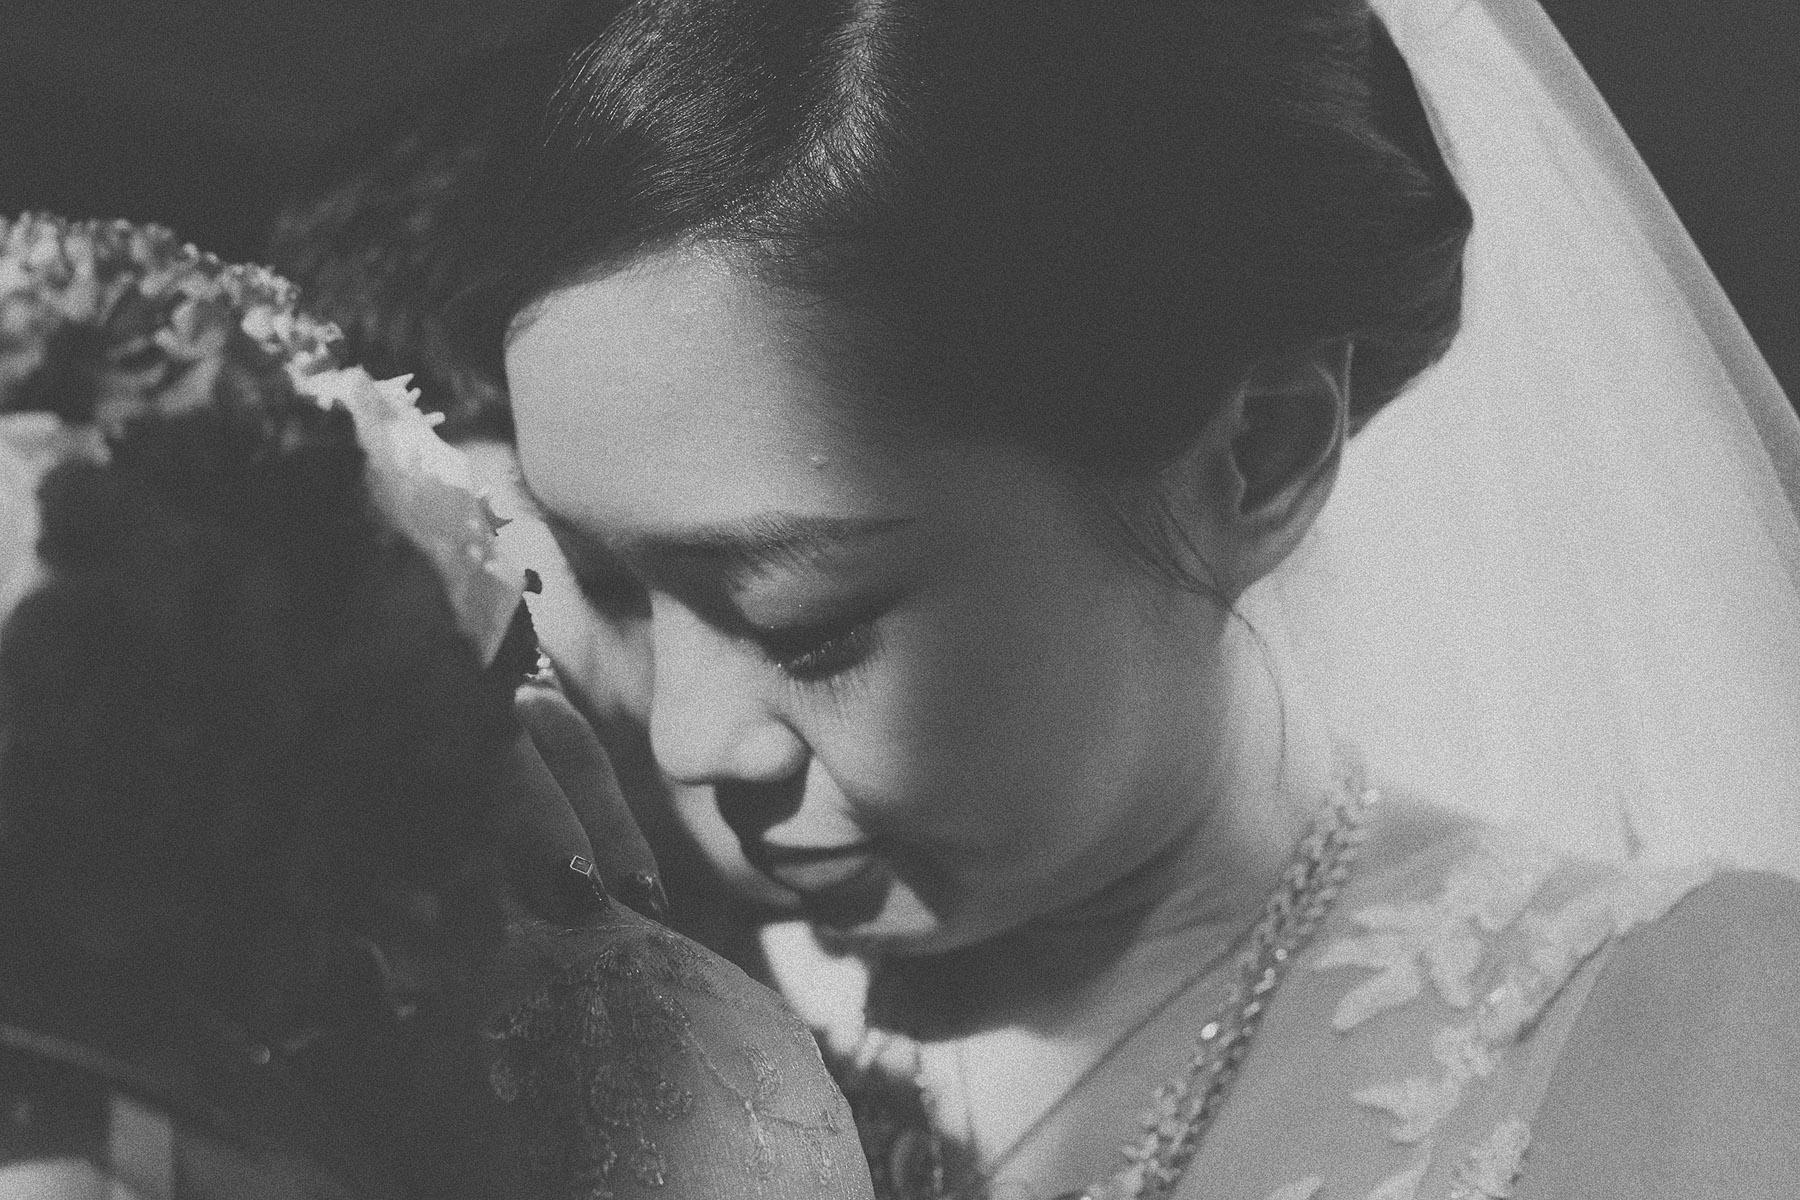 黑白,婚禮攝影師推薦,婚禮攝影,底片婚攝,電影風格,婚攝,進場交手